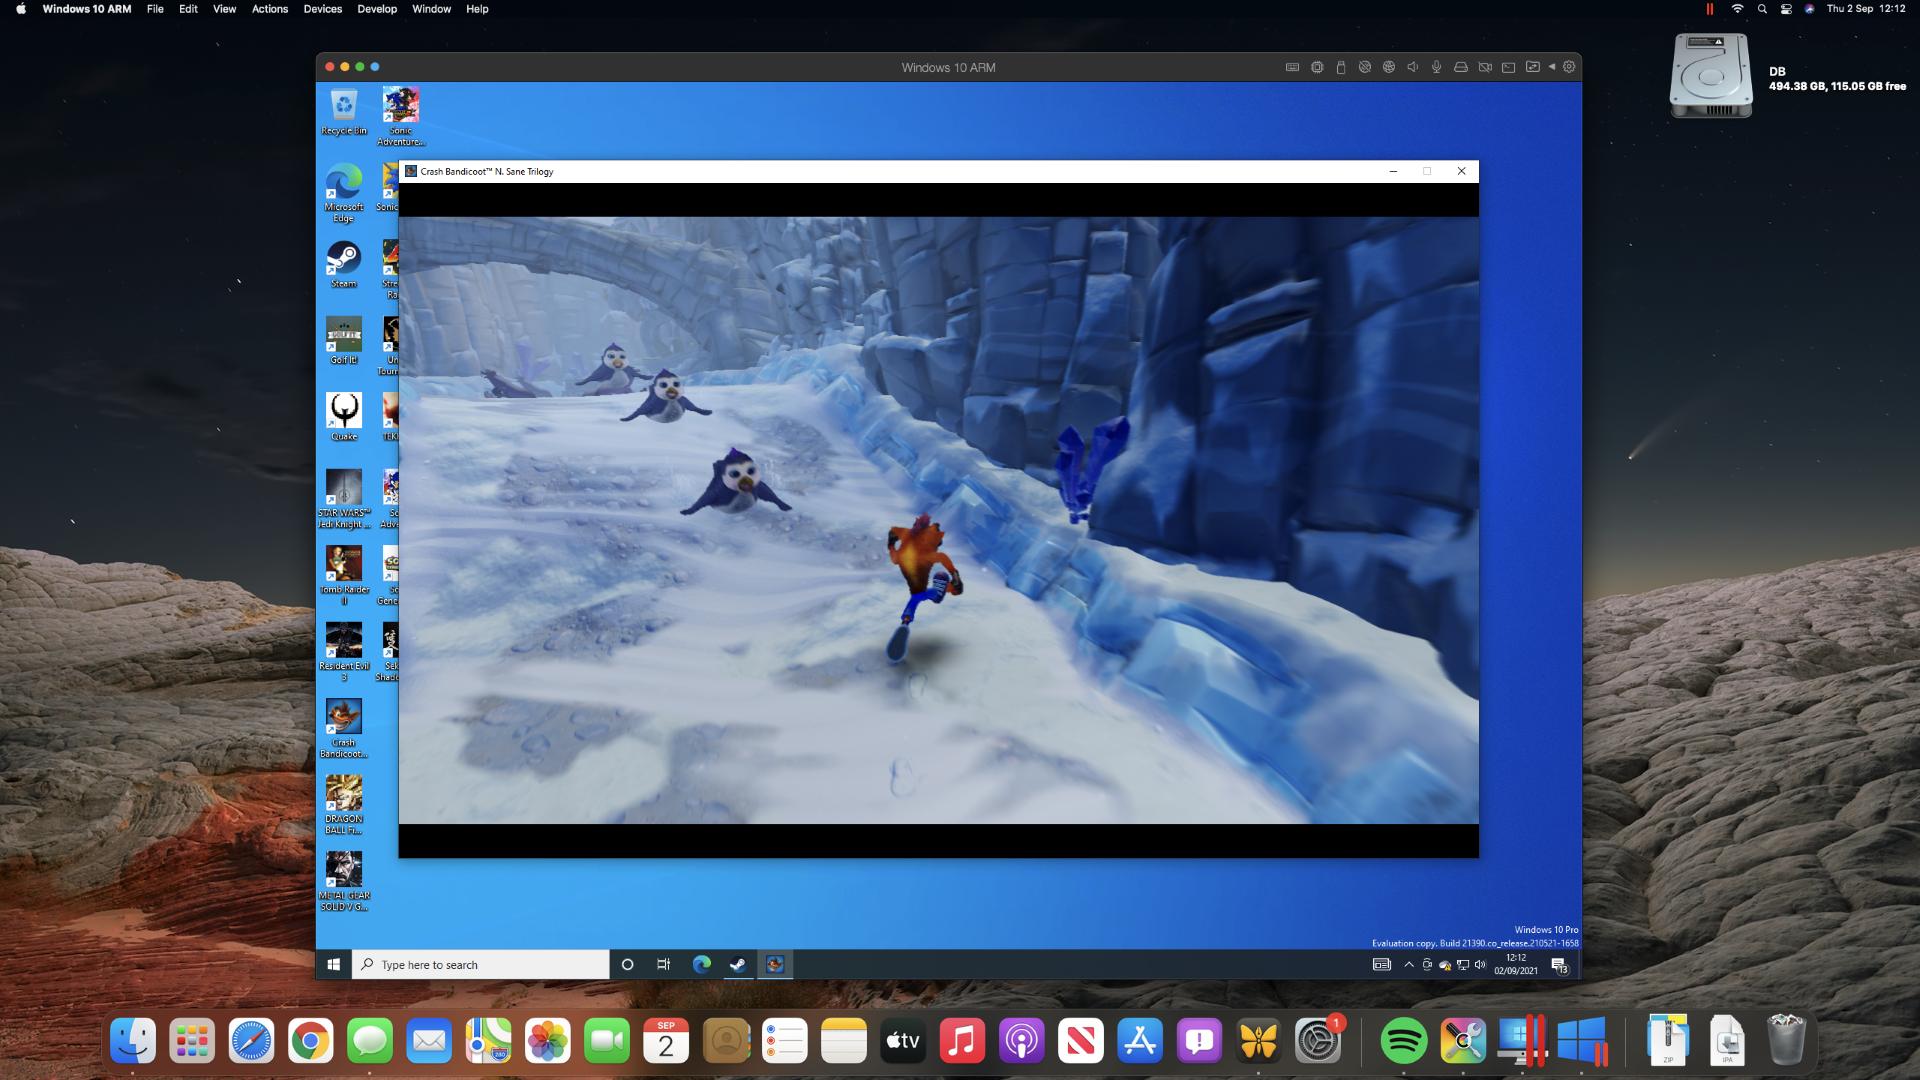 Crash Bandicoot Trilogy en una Mac mini M1 a través de Steam